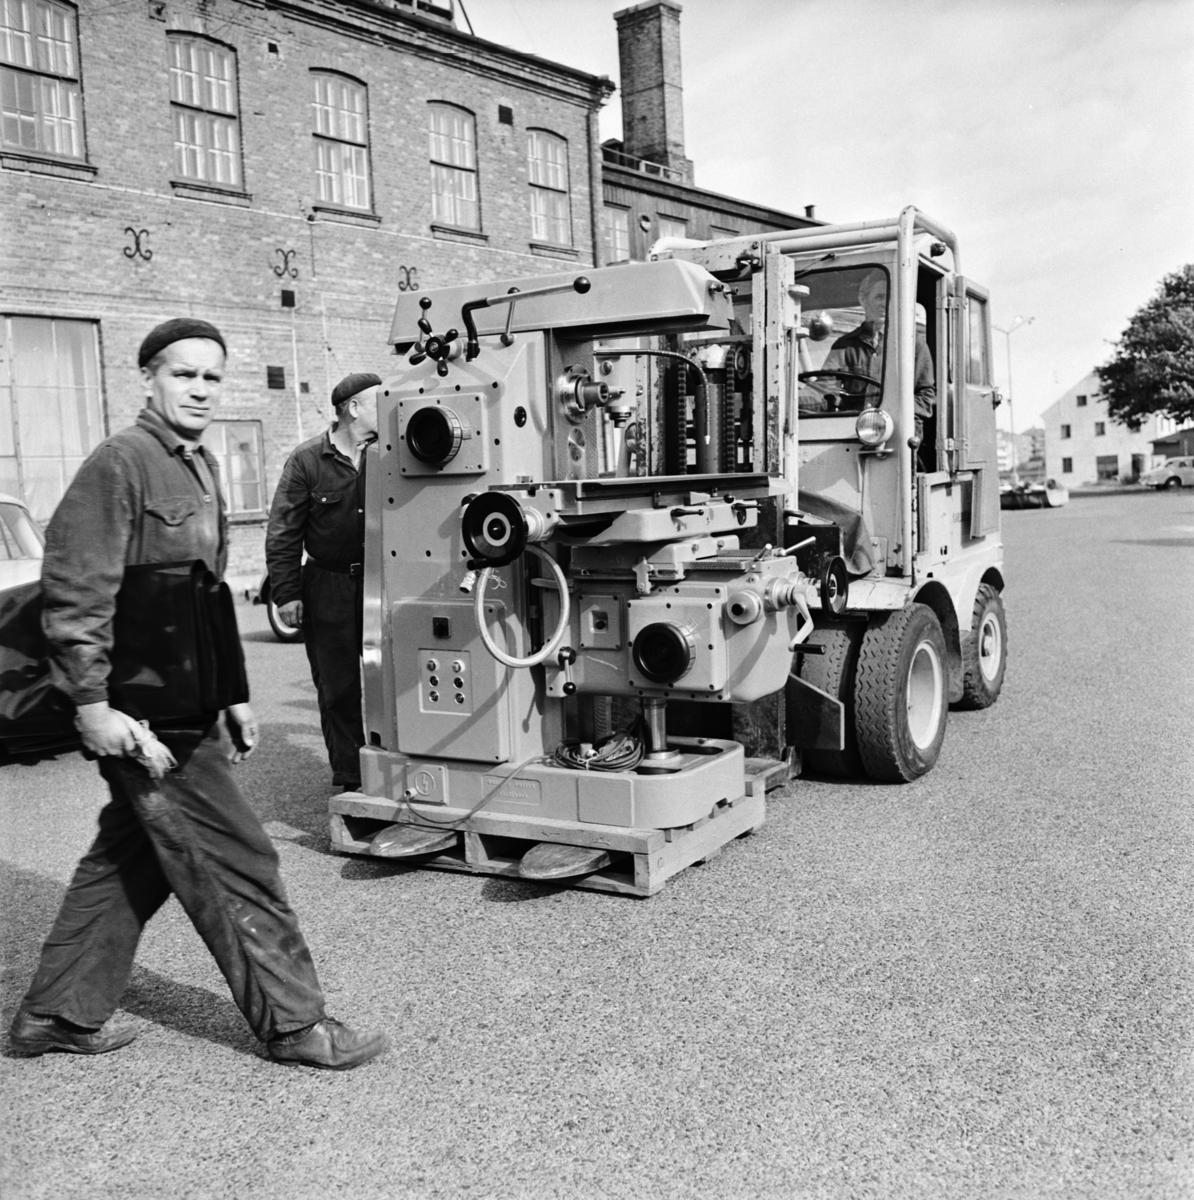 Övrigt: Foto datum: 26/9 1966 Byggnader och kranar Karlskronavarvets fräsmaskin